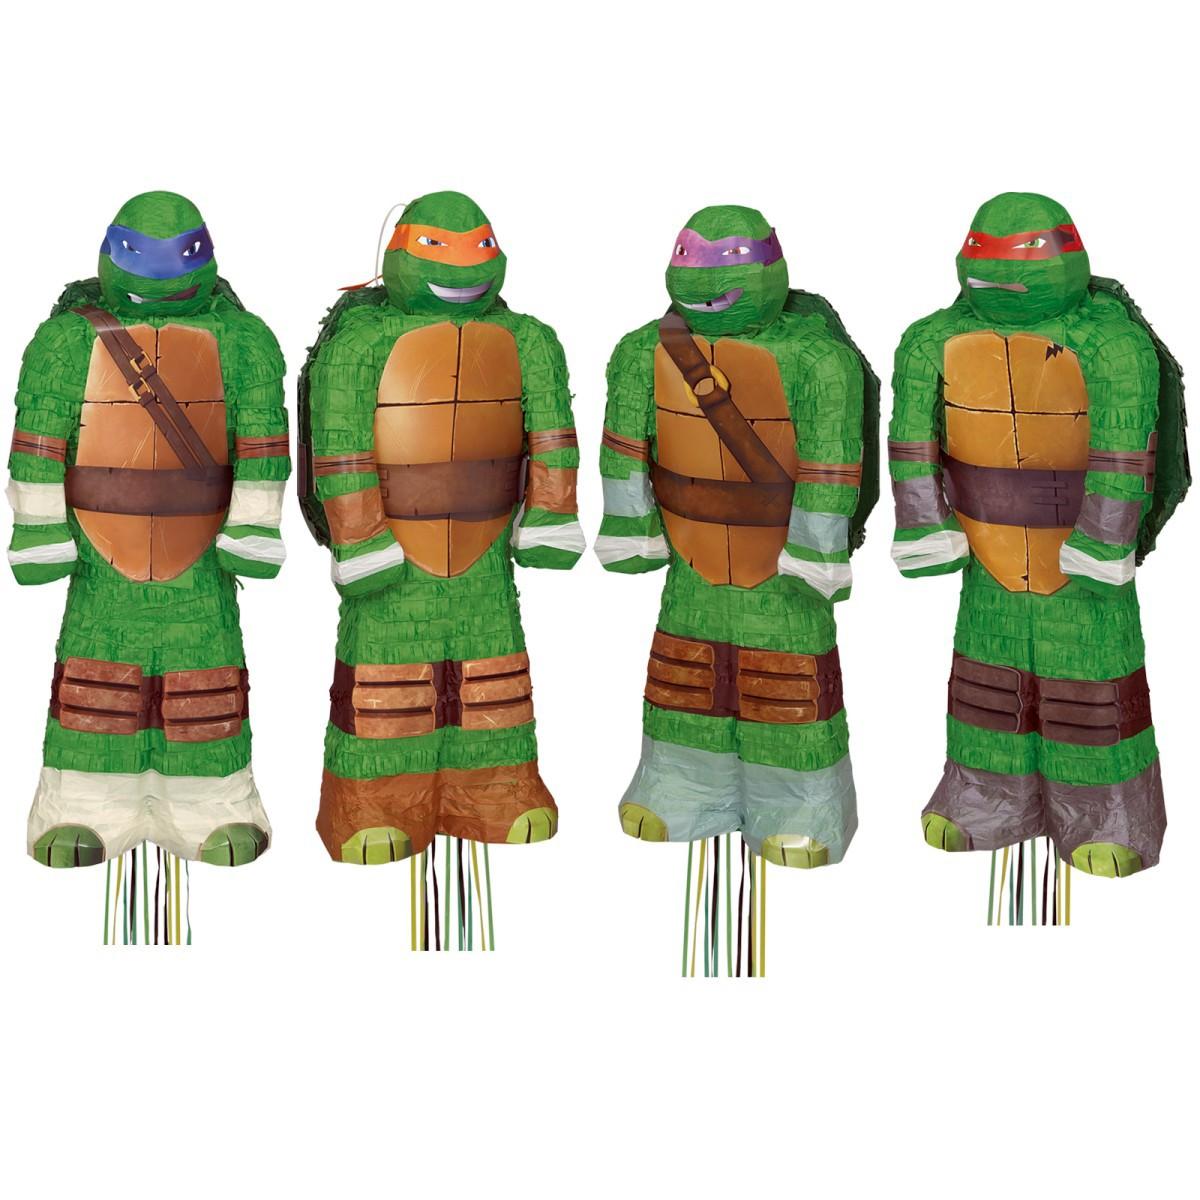 Juegos de Tortugas ninja tmnt gratis - fandejuegos.com